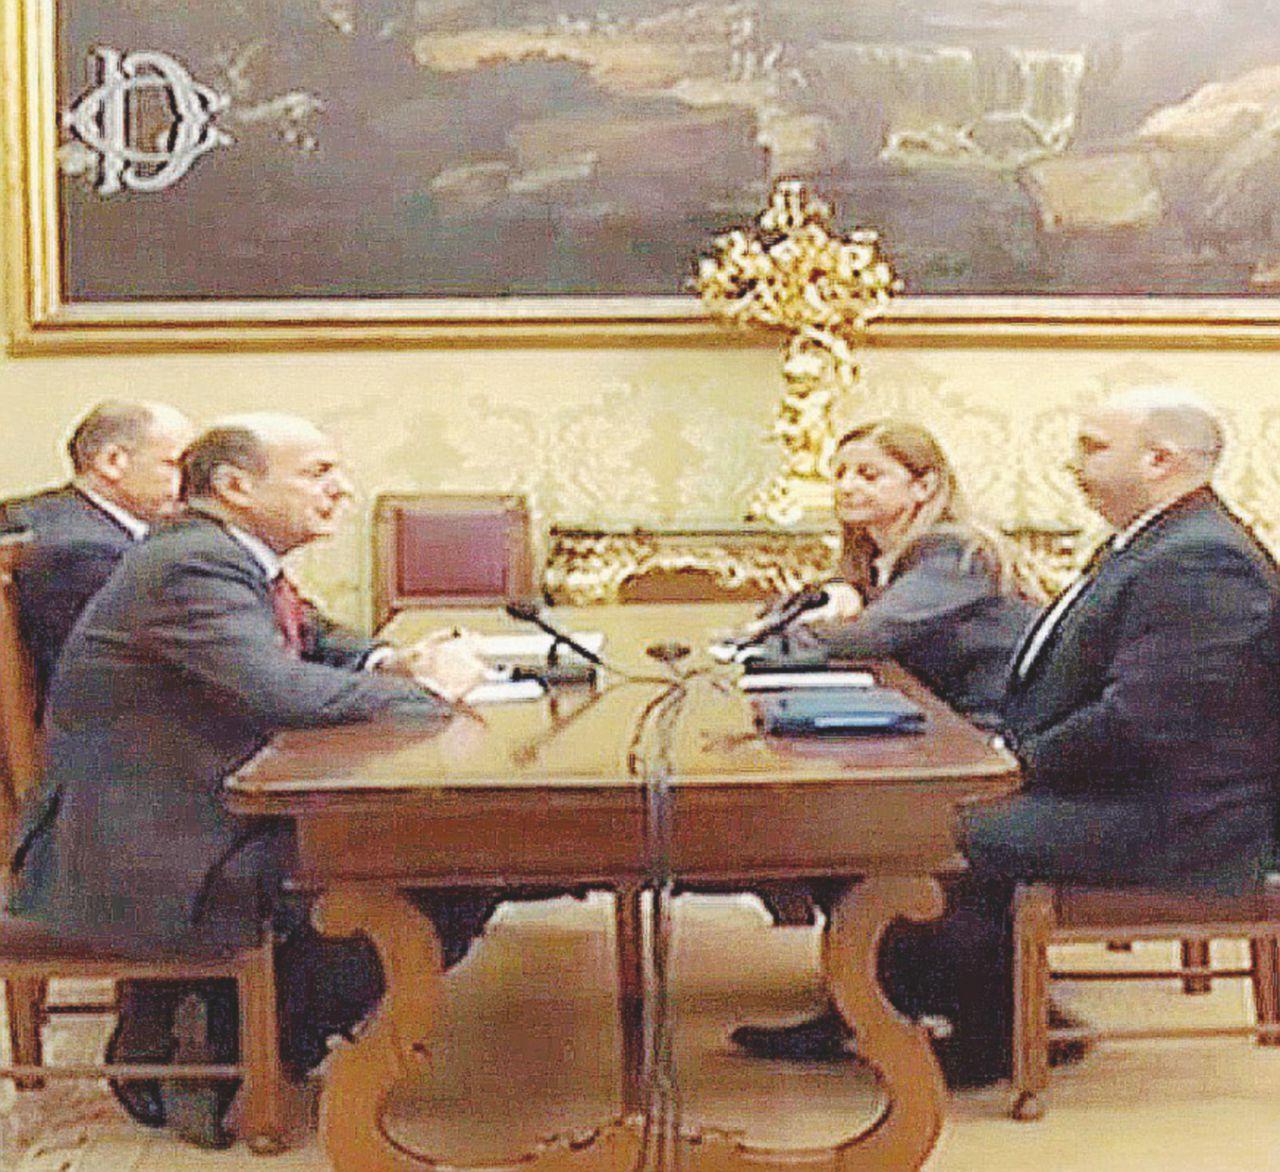 Bersani, Emiliano e gli altri. La sinistra che guarda al M5S